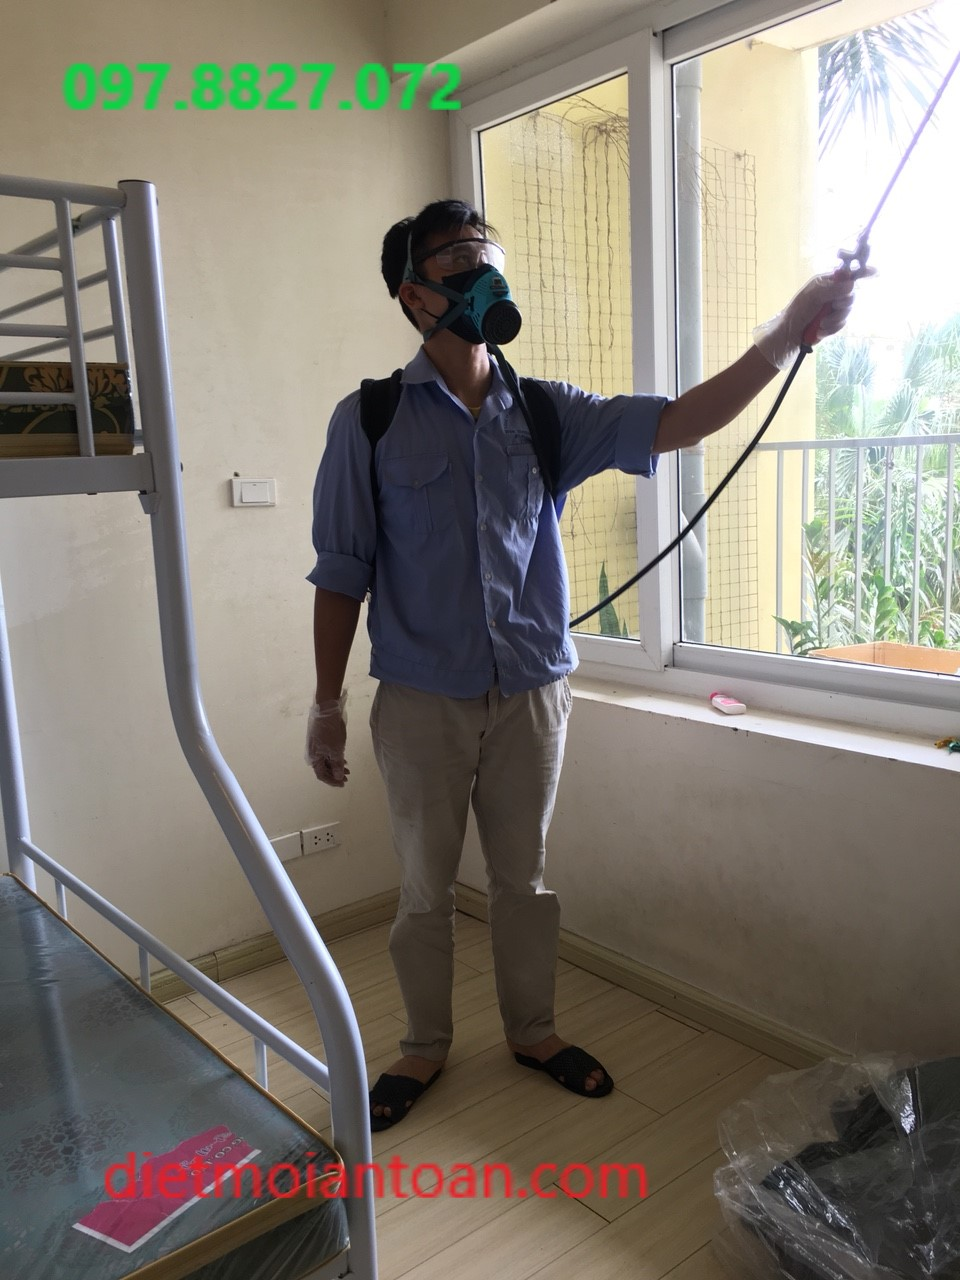 Dịch vụ phun muỗi an toàn, uy tín tại Nhà Hàng, Spa, Khách Sạn